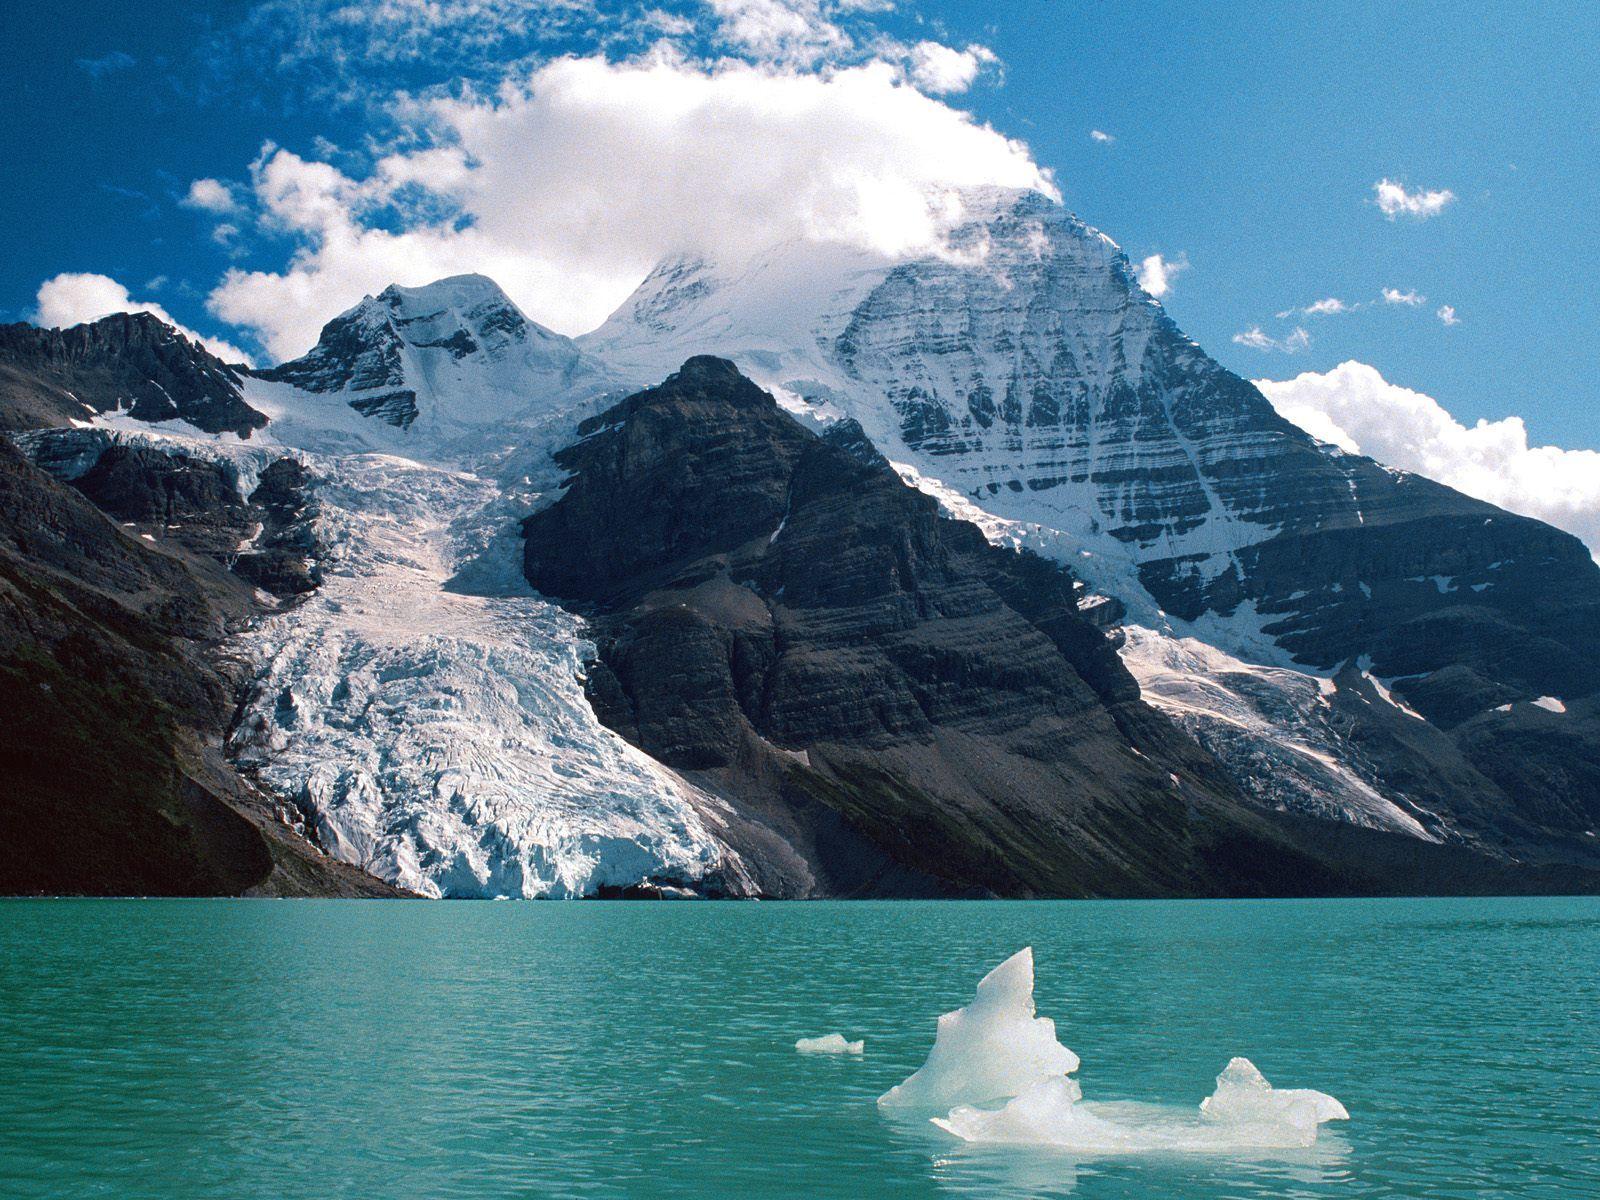 145321 скачать обои Природа, Снег, Высота, Облака, Озеро, Ледник, День, Горы - заставки и картинки бесплатно